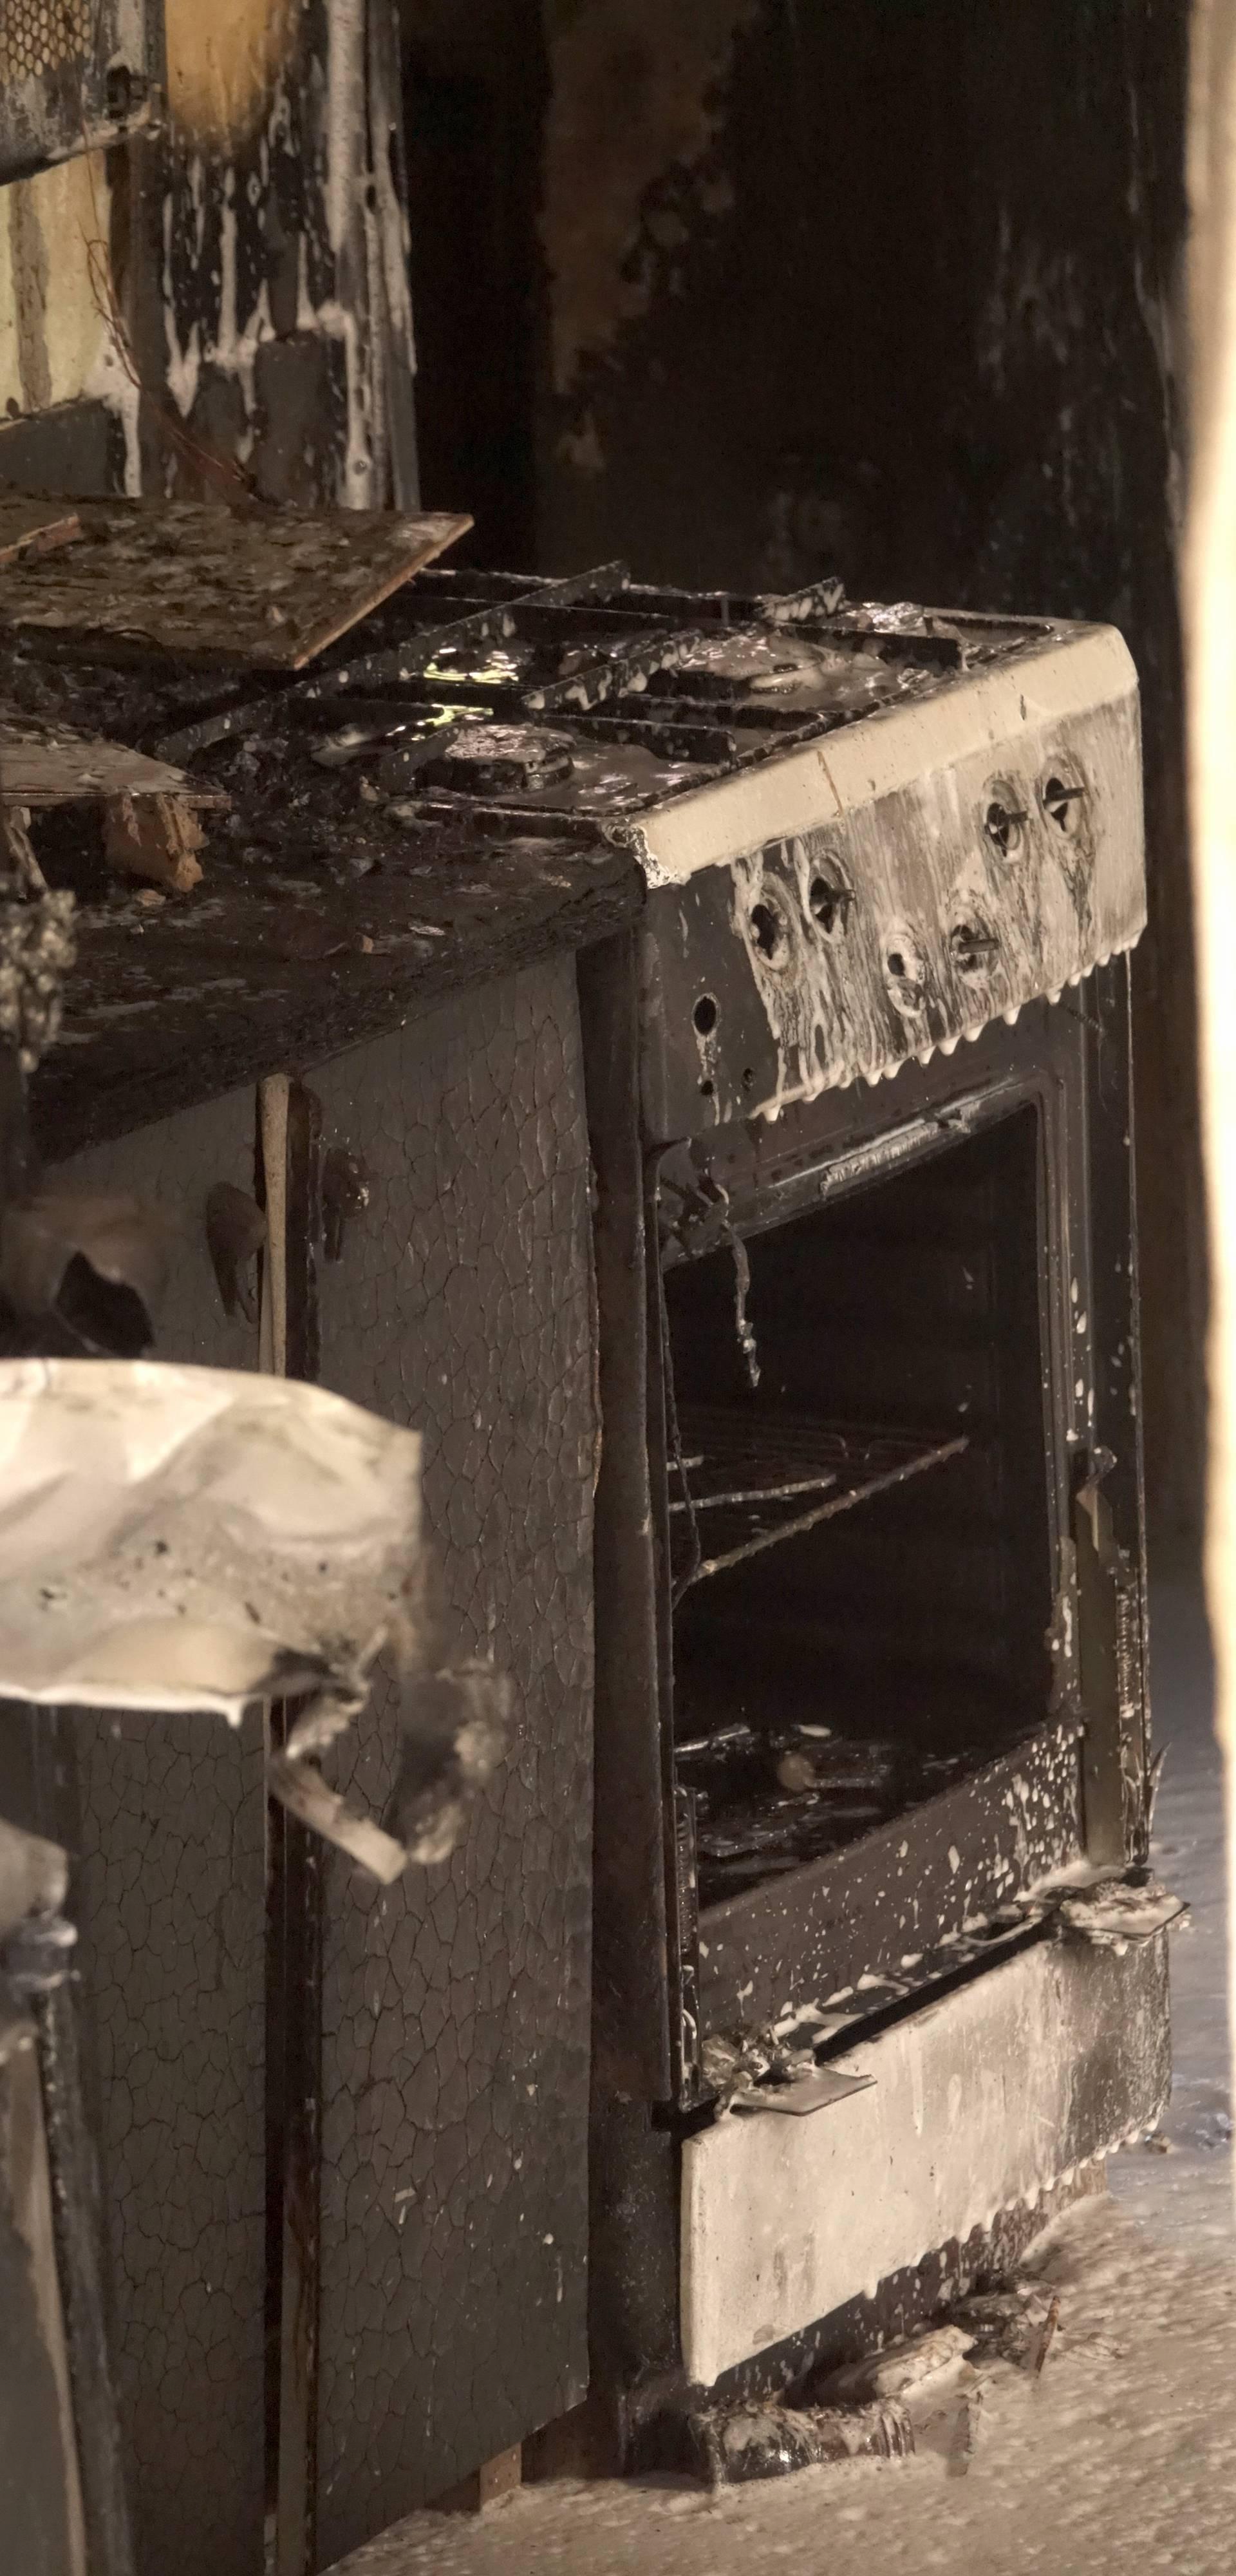 Jedva su ga spasili iz gorućeg stana: 'Svi smo se bojali ovog'